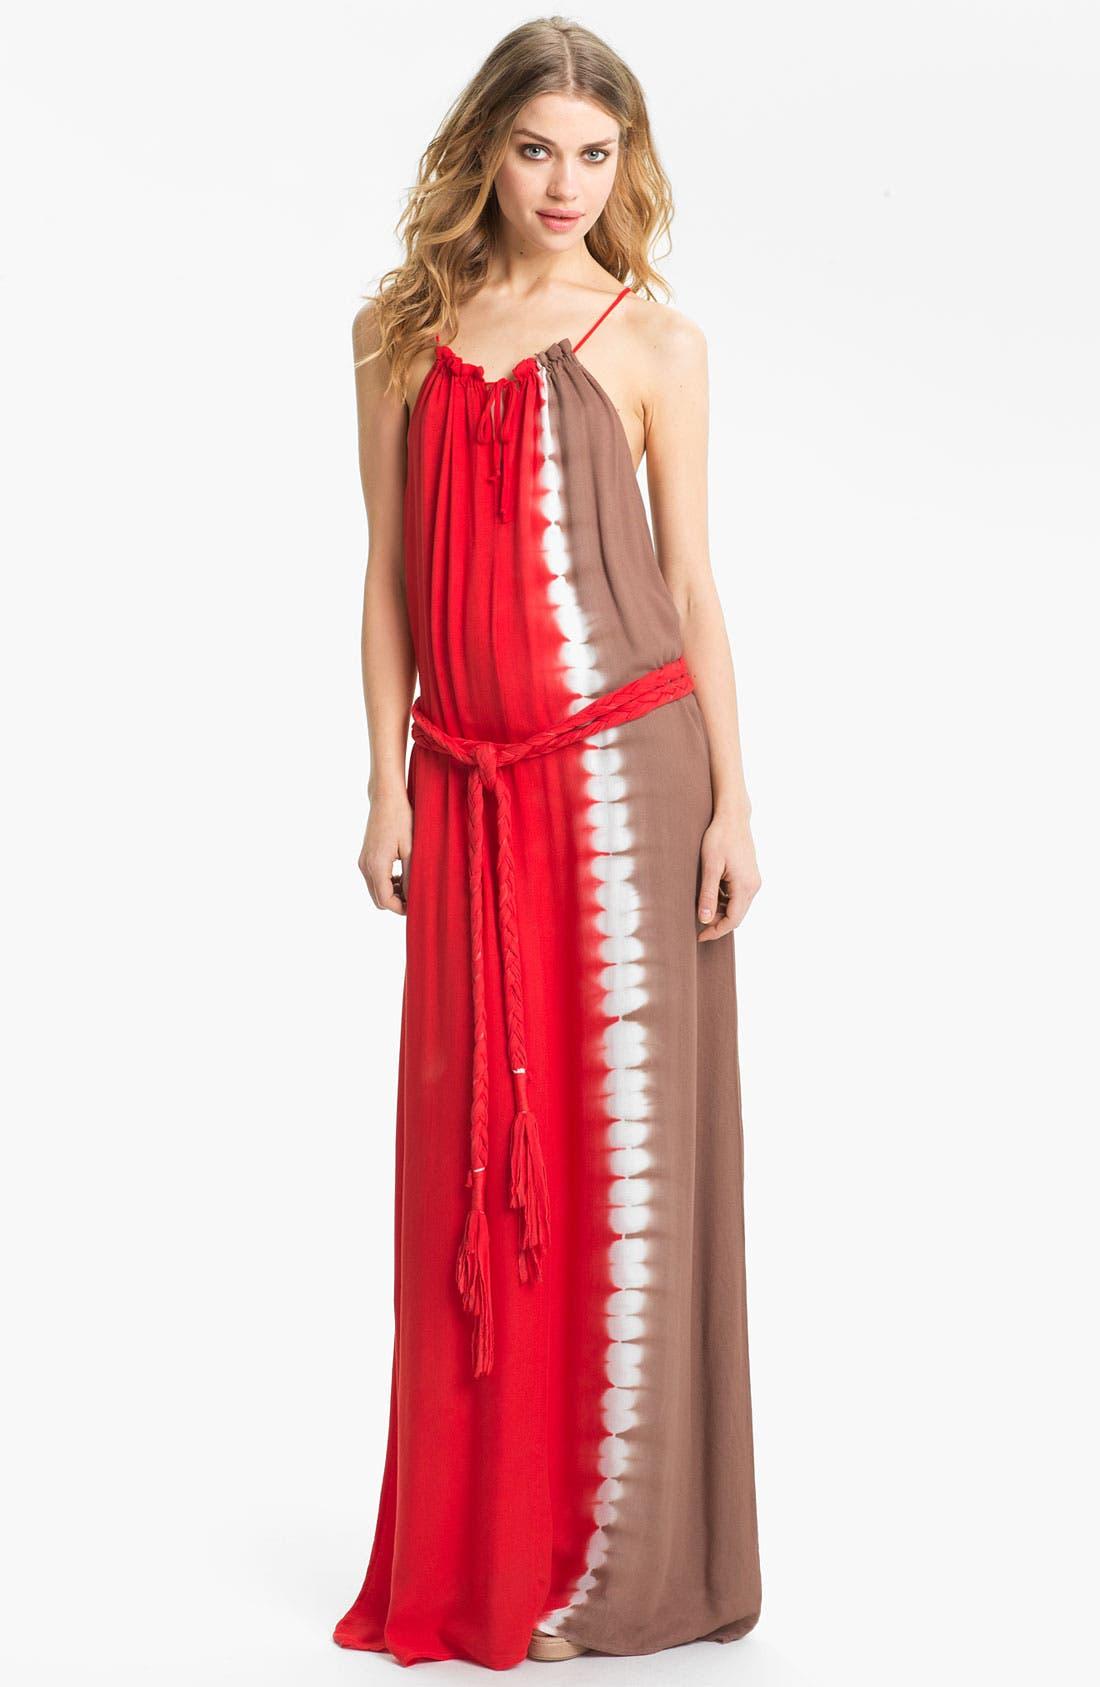 Main Image - Young, Fabulous & Broke 'Willow' Tie Dye Maxi Dress